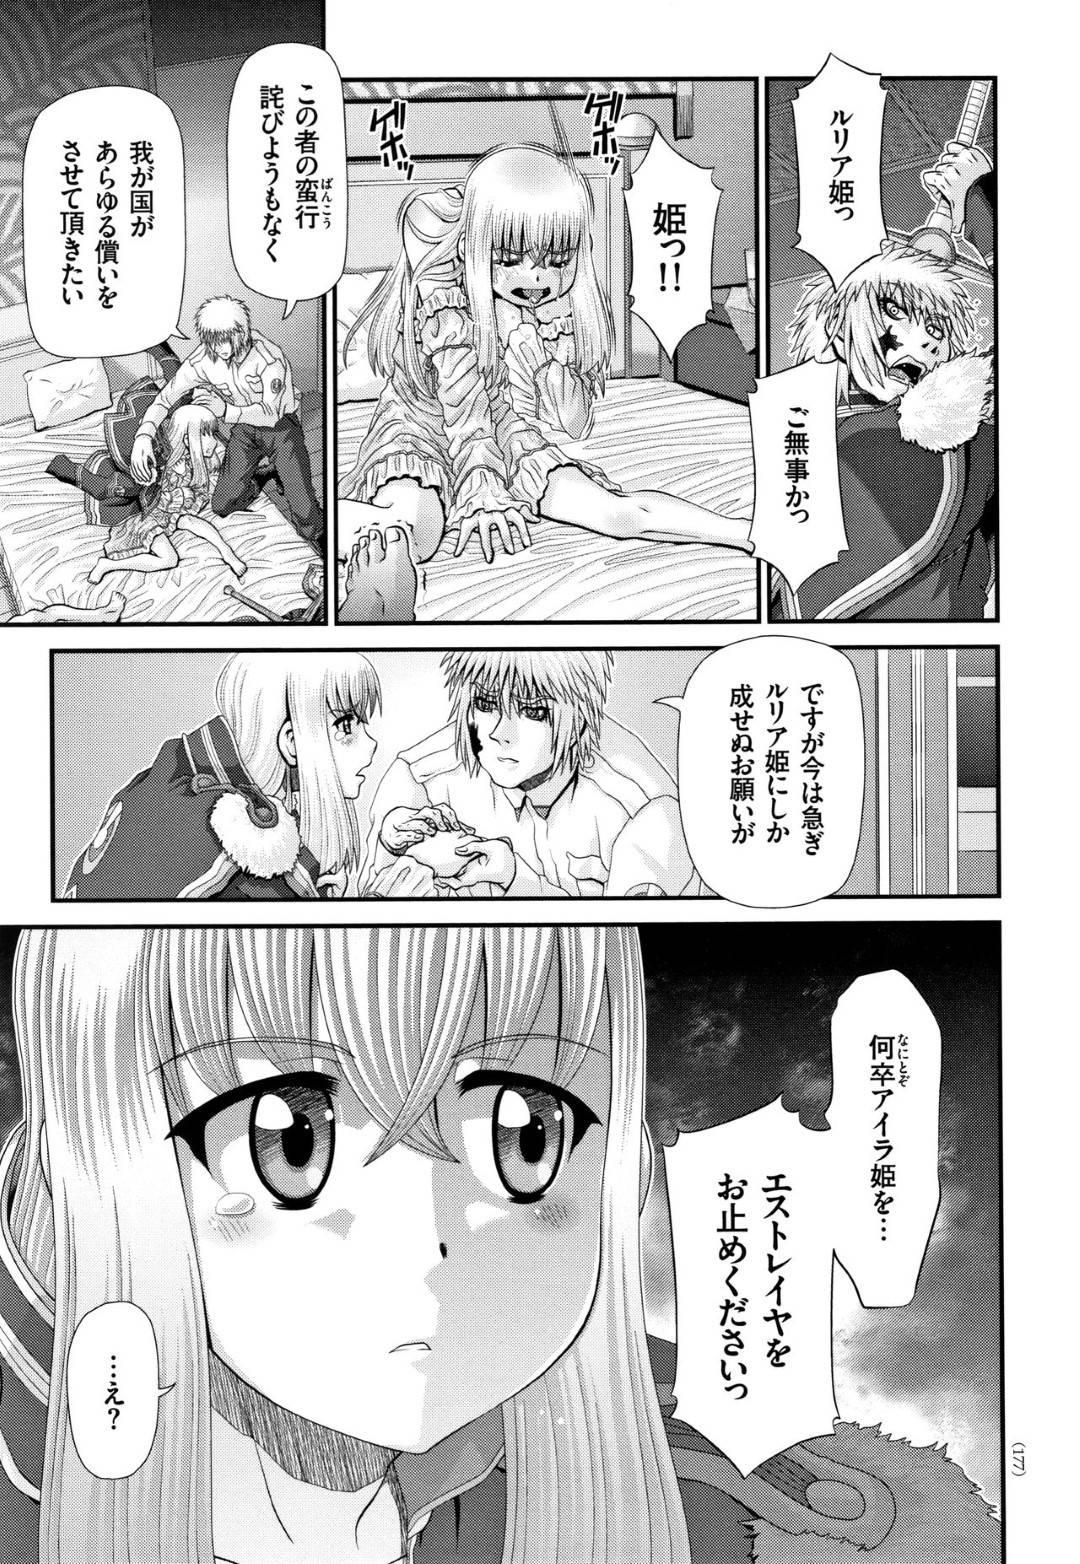 【エロ漫画】姫の寝室に忍び込んだ男。彼女の華奢な身体と成長途中の胸に興奮し、男は睡眠薬で眠らせた彼女のきつきつロリまんこに生挿入し、睡眠姦する!名器っぷりにすぐイッてしまいそうなまんこを正常位で突きまくる!